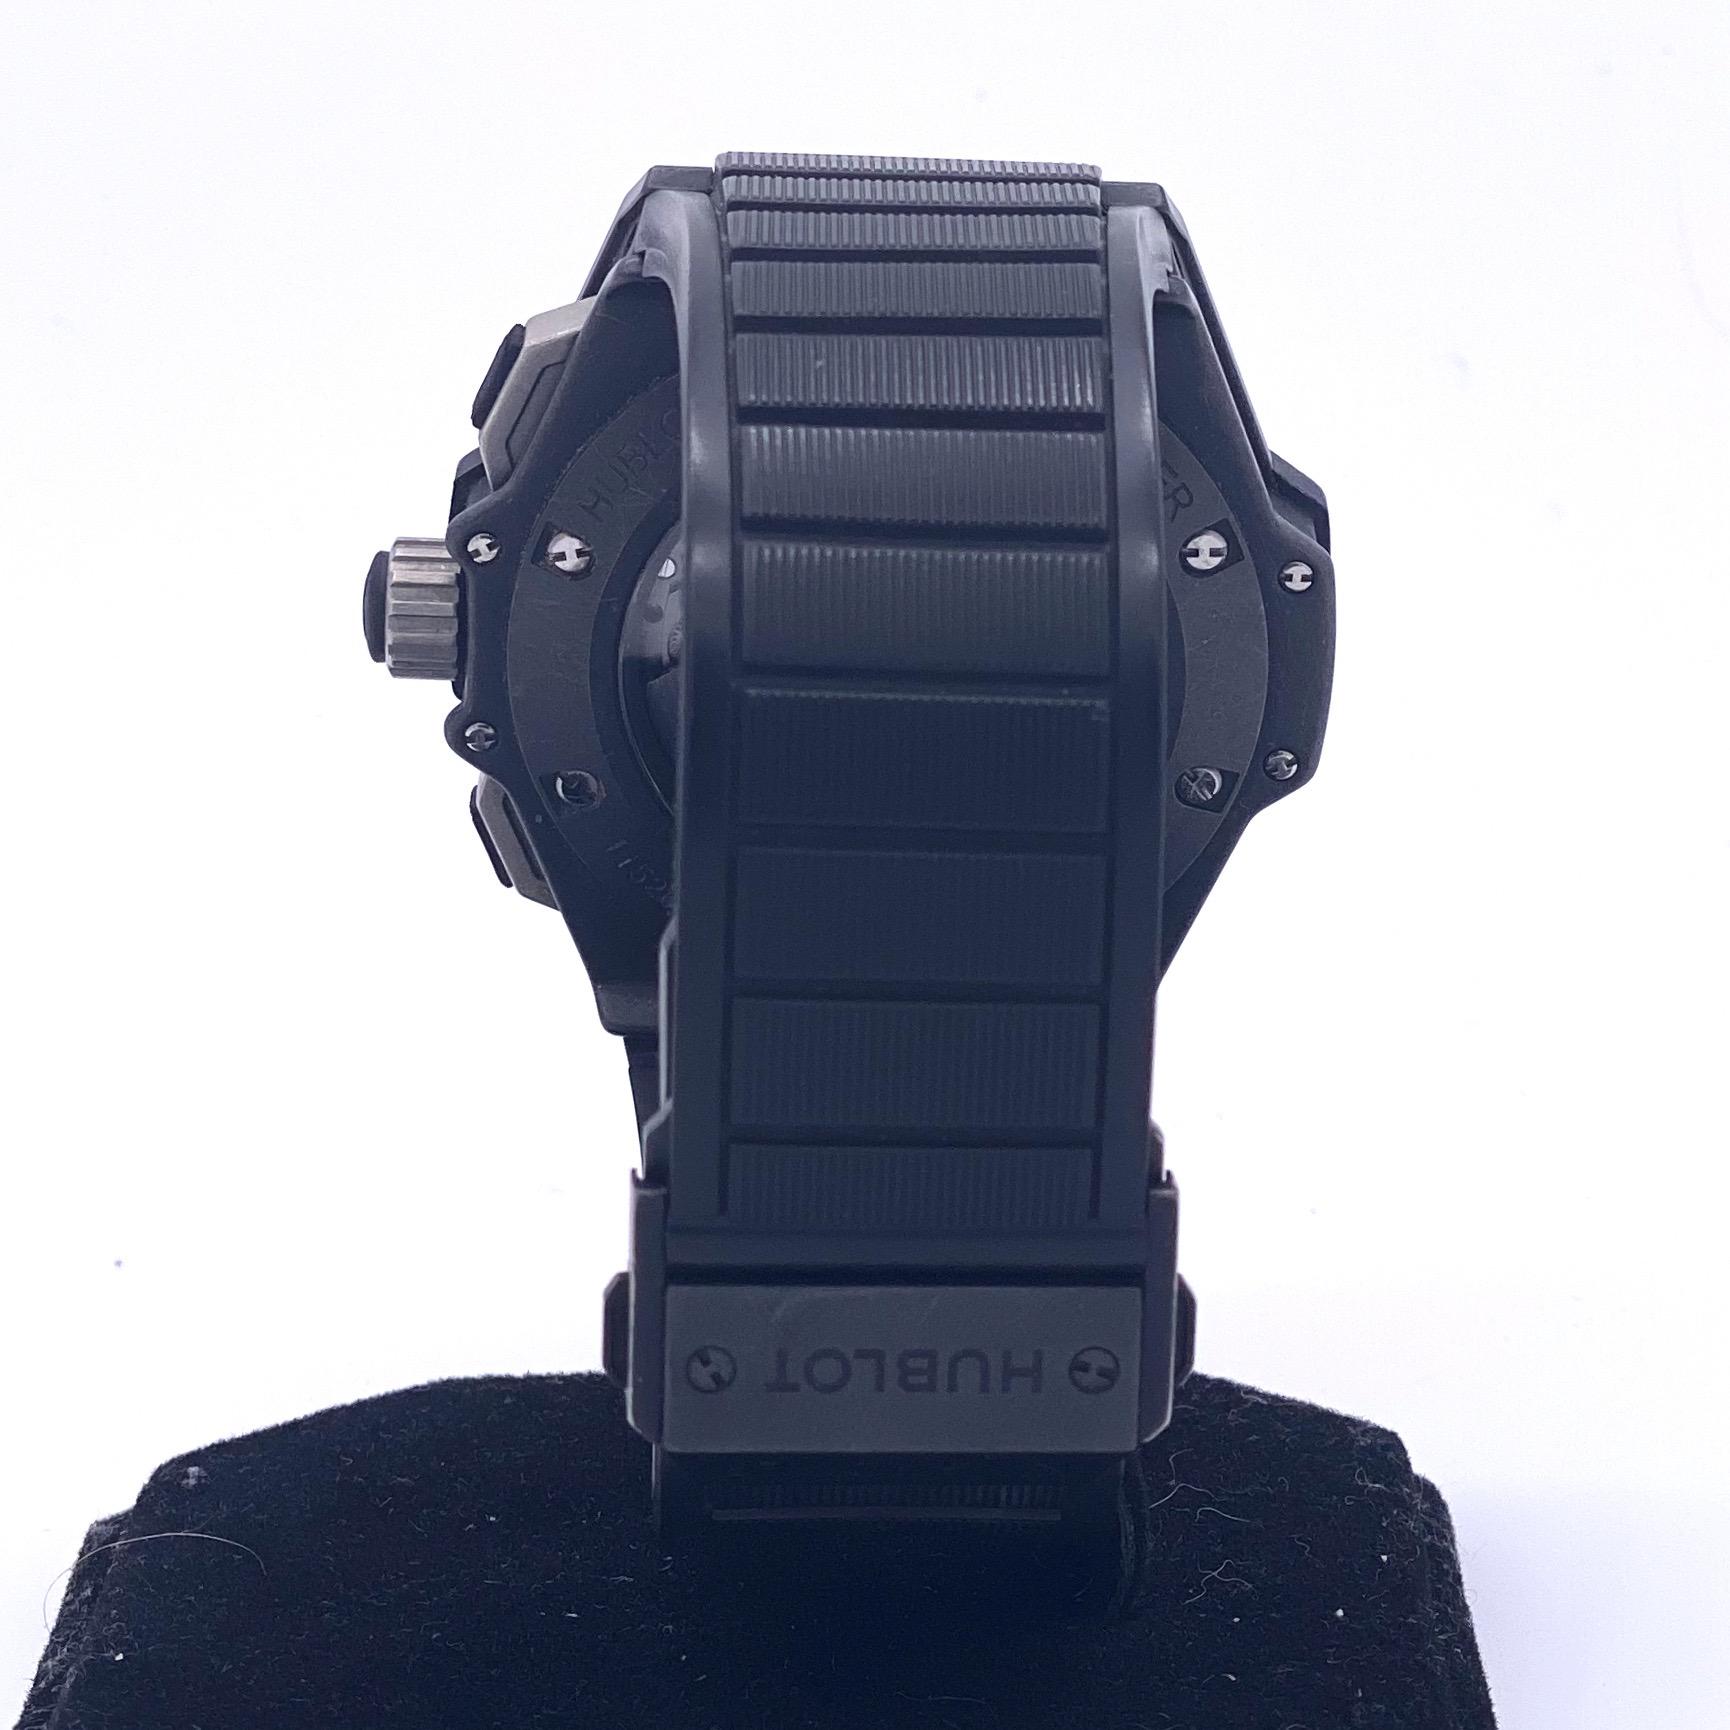 Lot 26 - Hublot King Power ref 701.CI.0170.RX